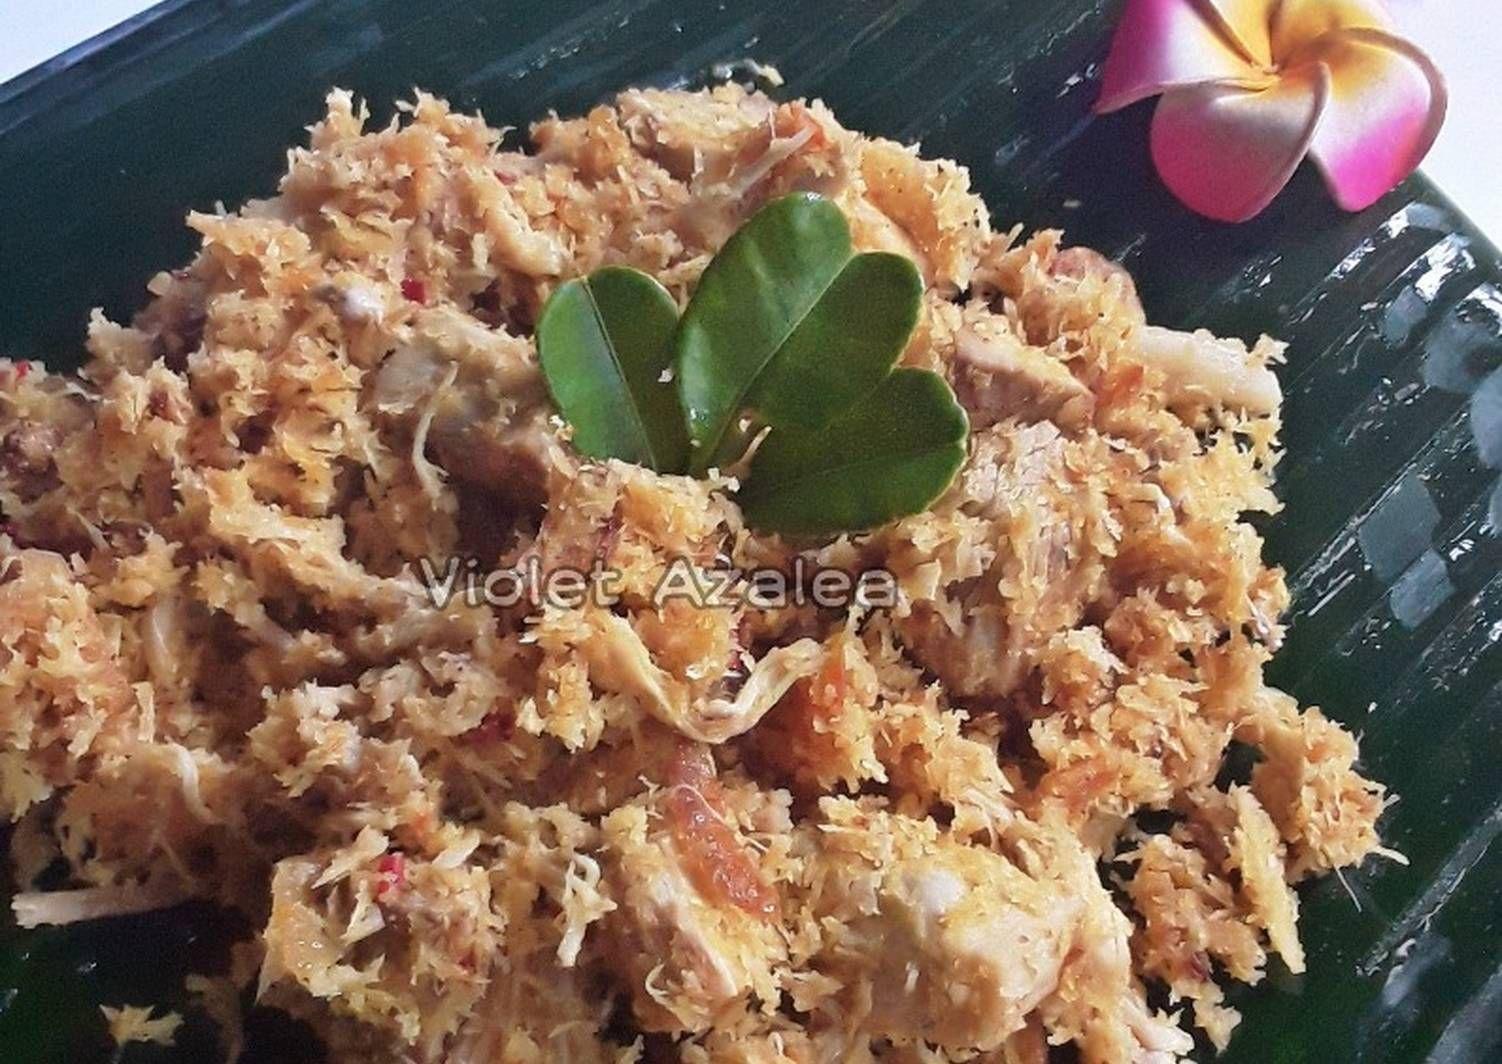 Resep Lawar Nangka Ayam Oleh Violet Azalea Resep Makanan Parutan Keju Ayam